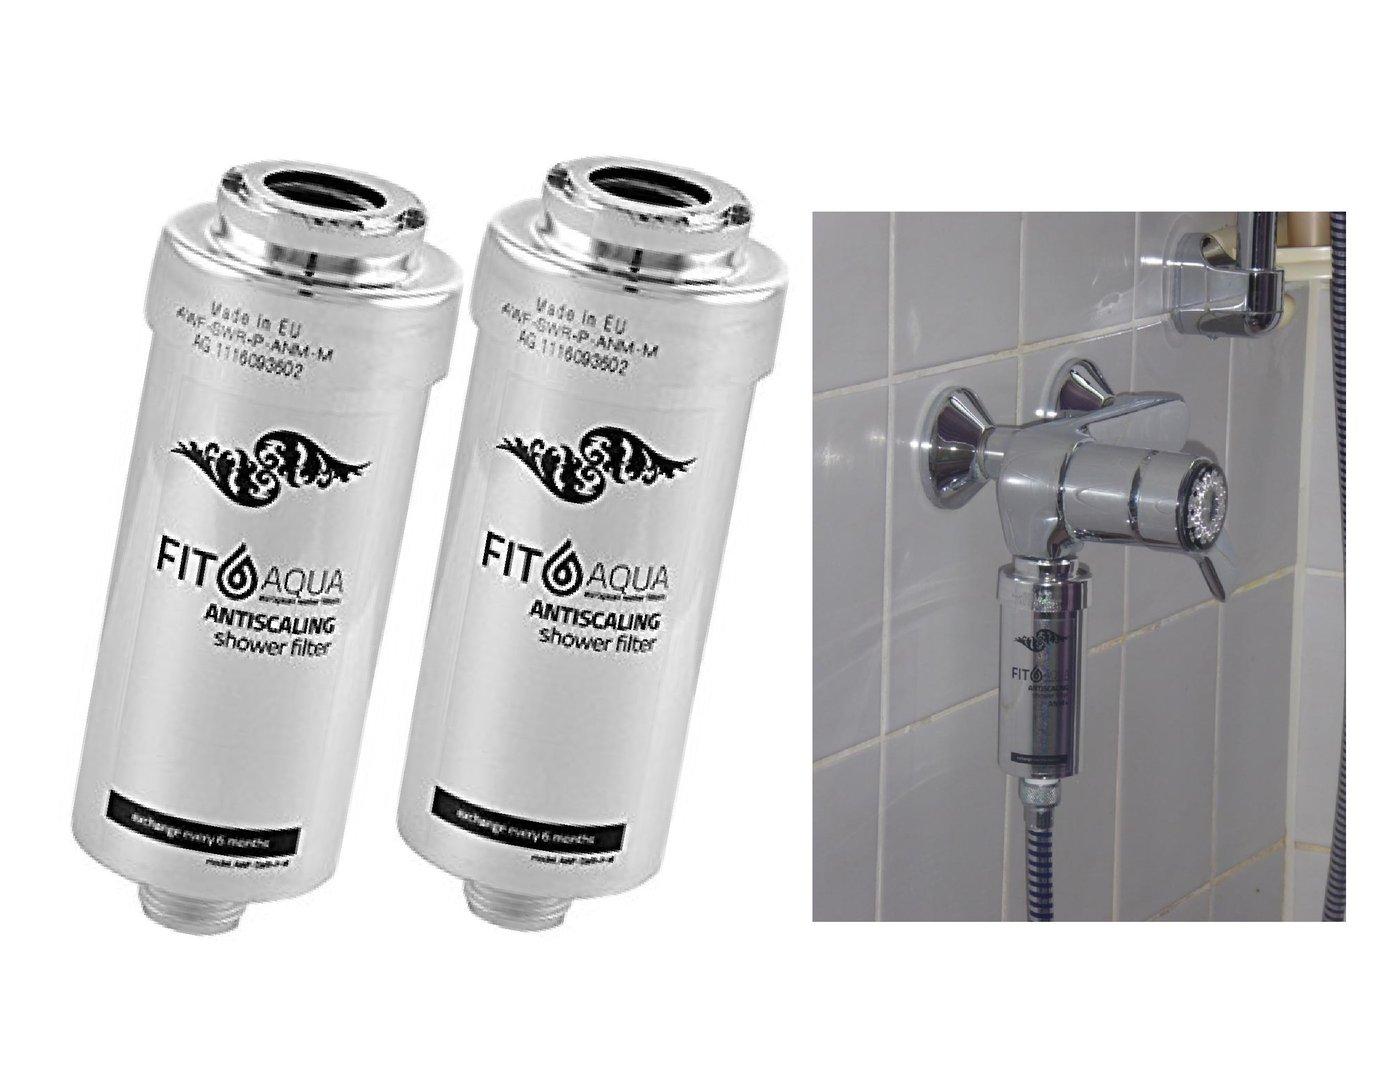 5 x Duschfilter FitAqua Antiscaling Wasserfilter für Dusche gegen Chlor und Kalk